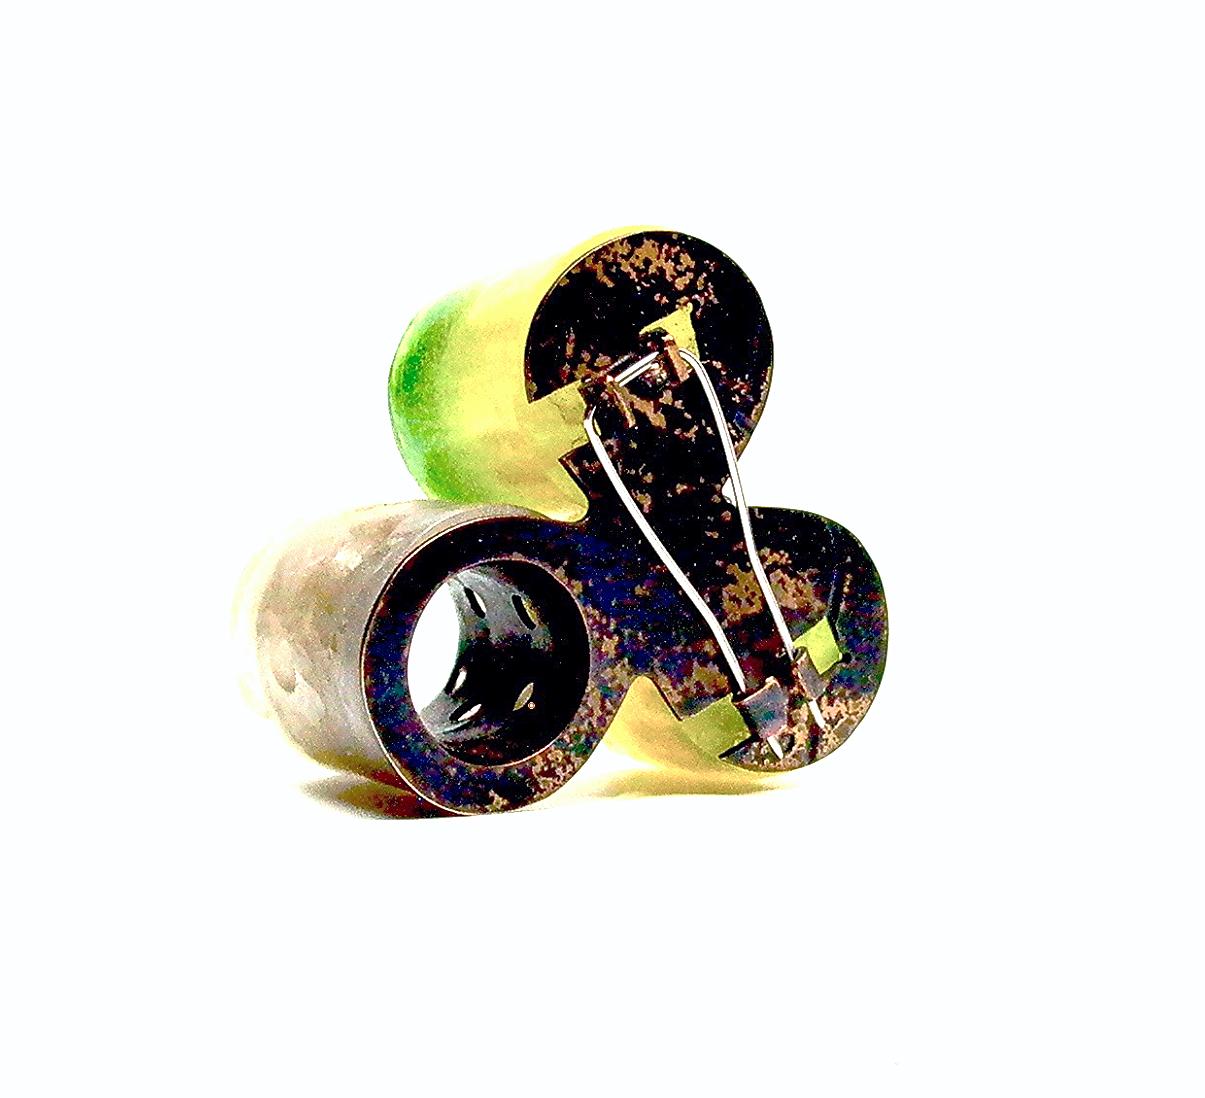 circles 2+1, 2014